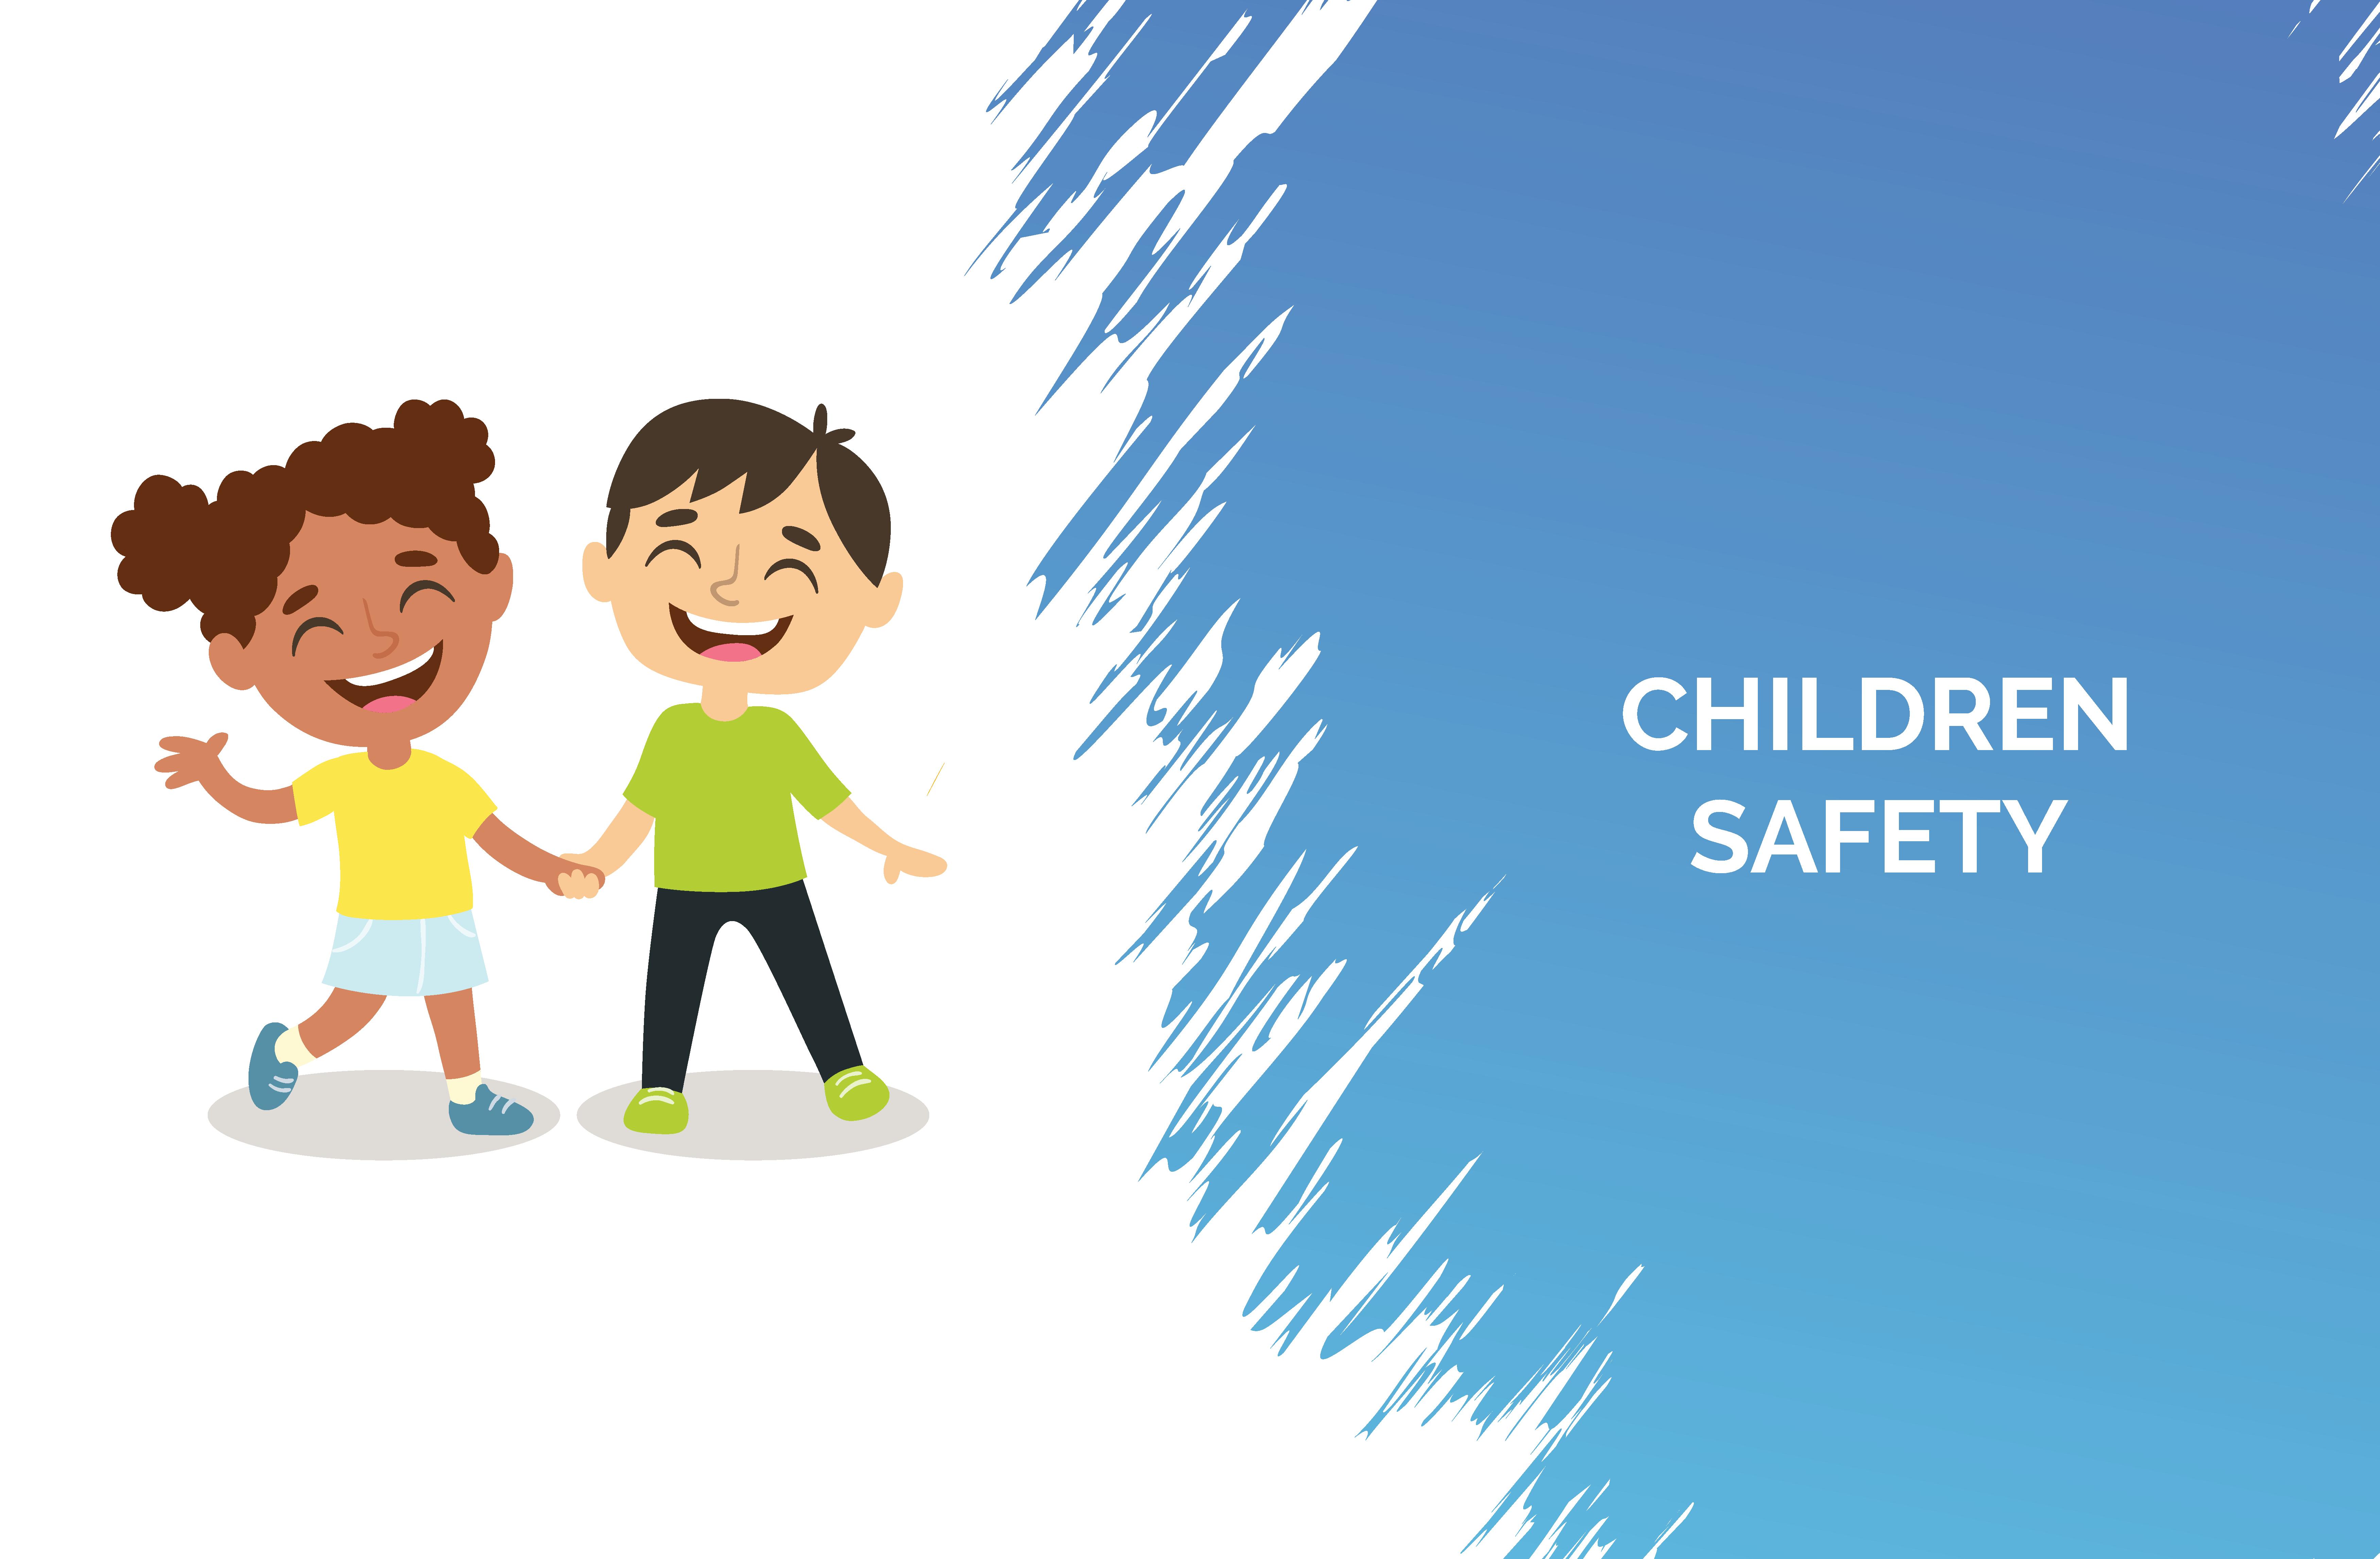 Child safety